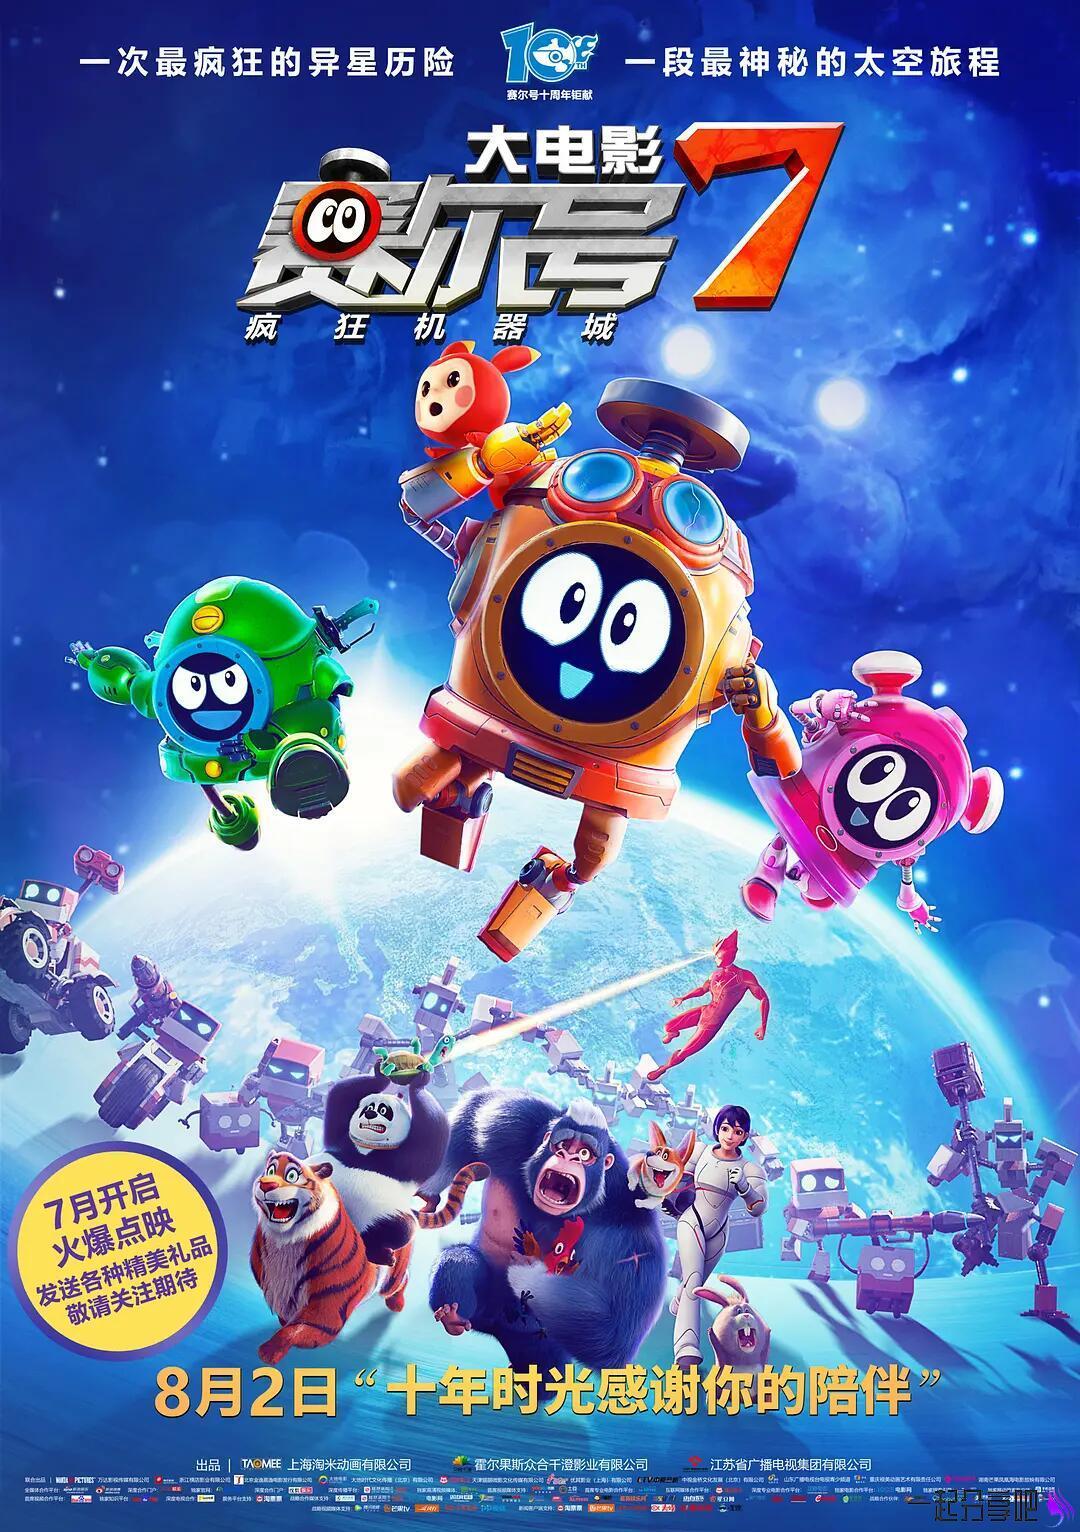 《赛尔号大电影7:疯狂机器城》HD1080p国语中字版 第1张